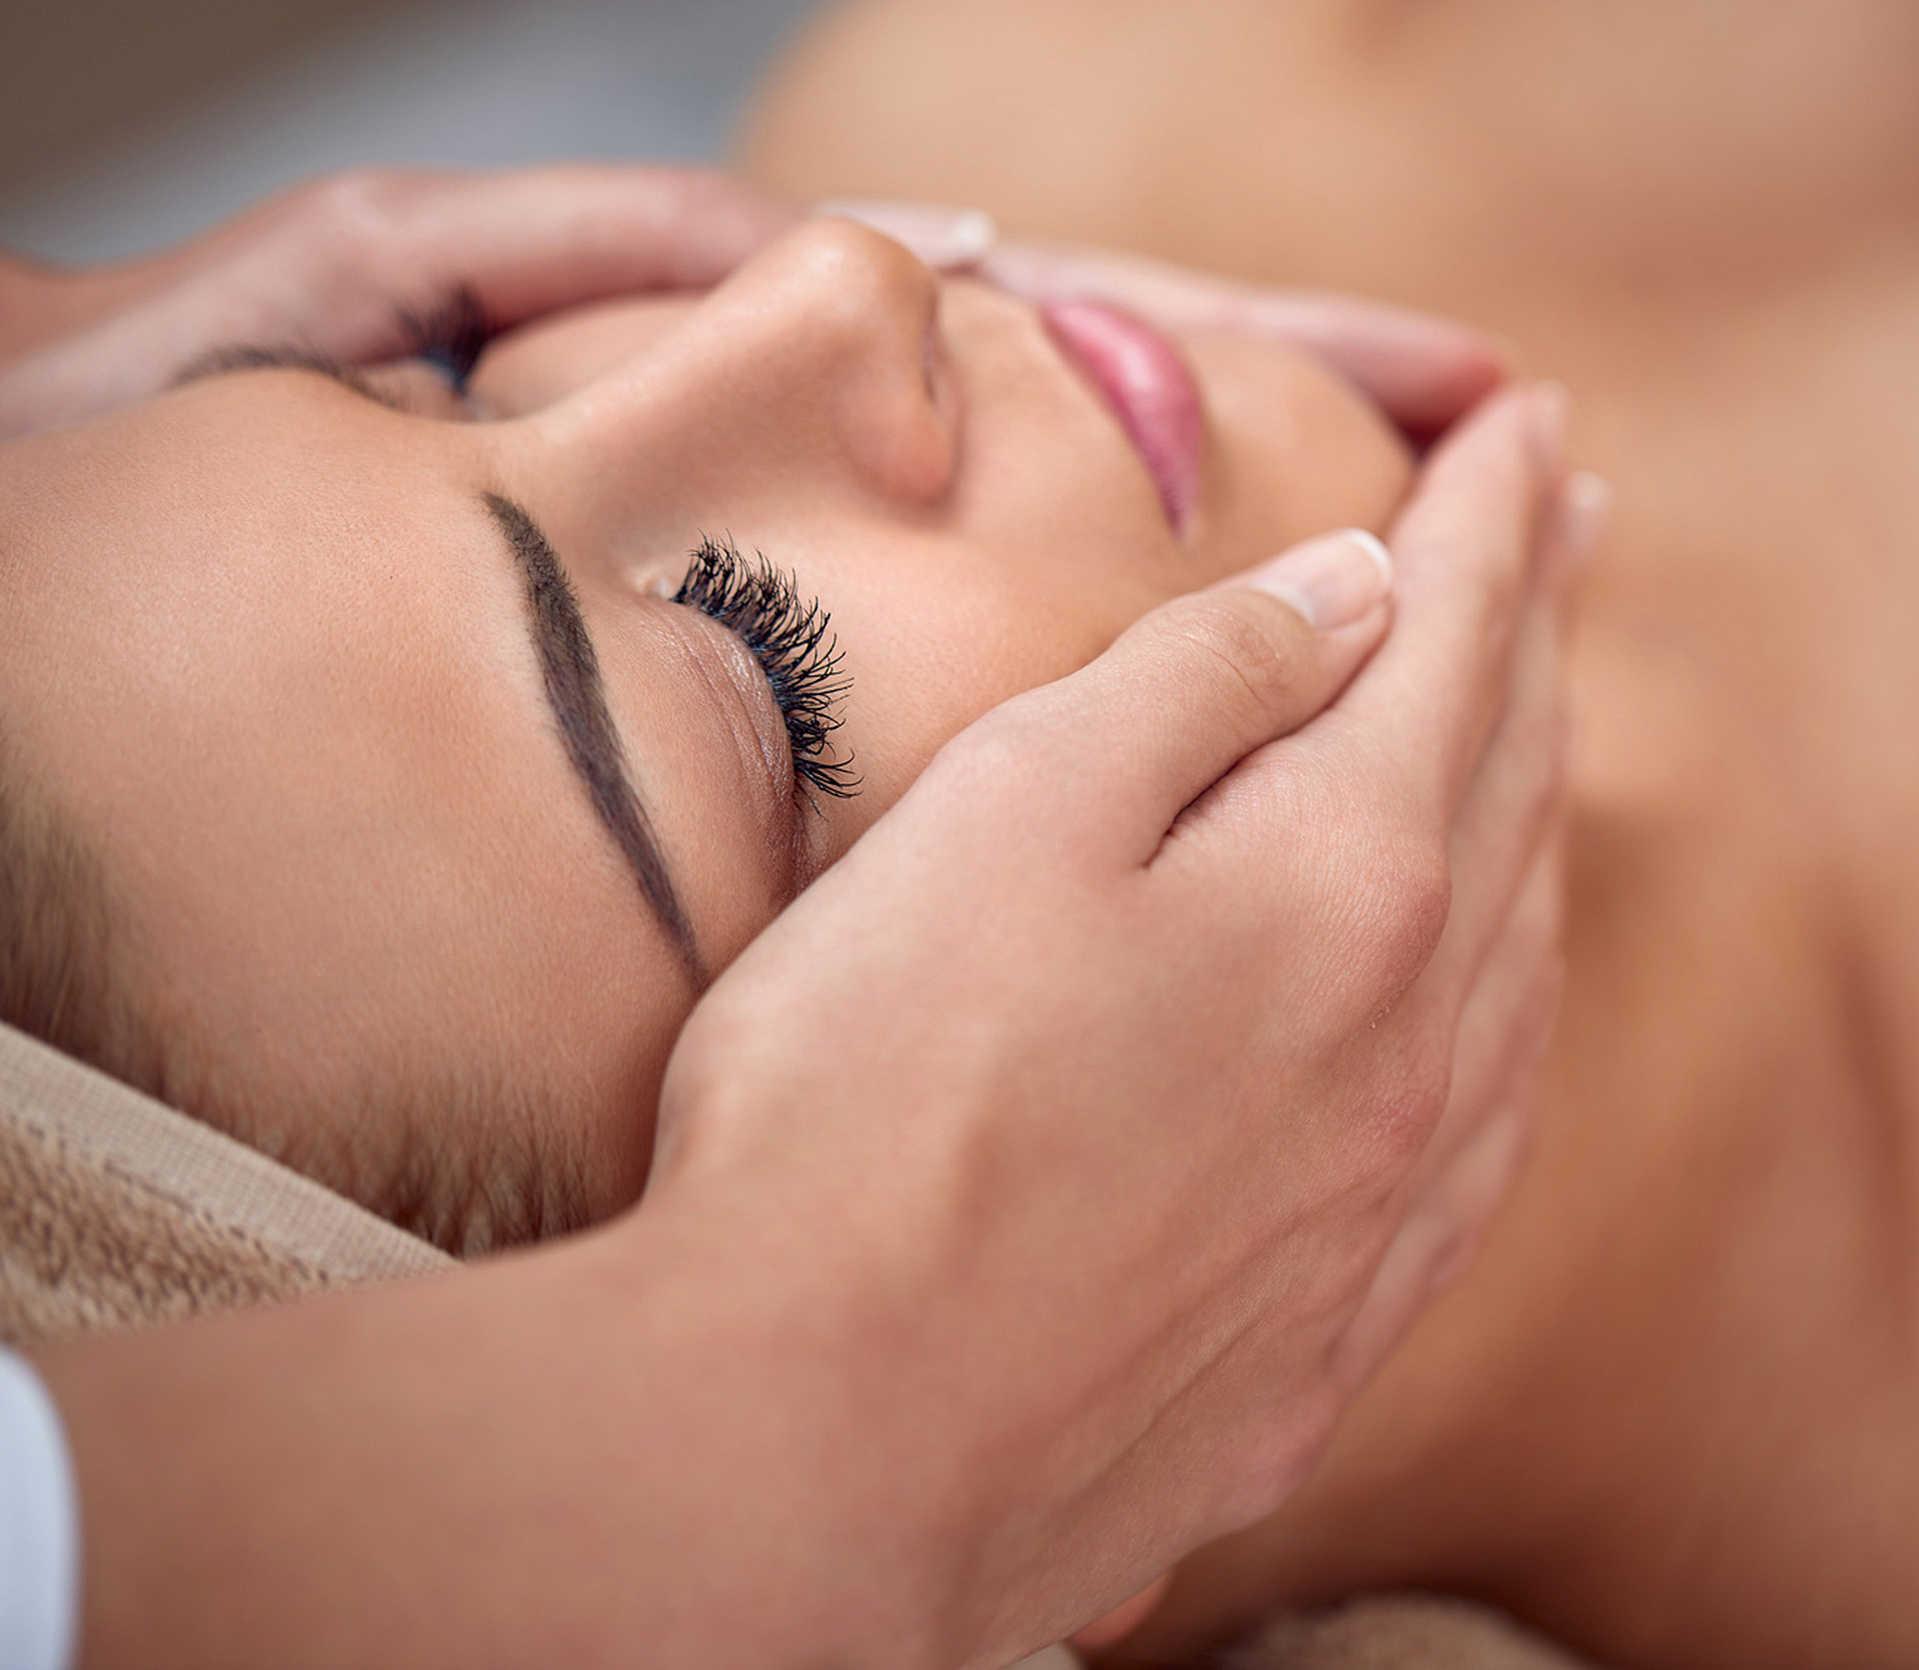 Zeit für Beauty, Spa, Massagen und ein Entspannungsbad im Hotel feldmilla.